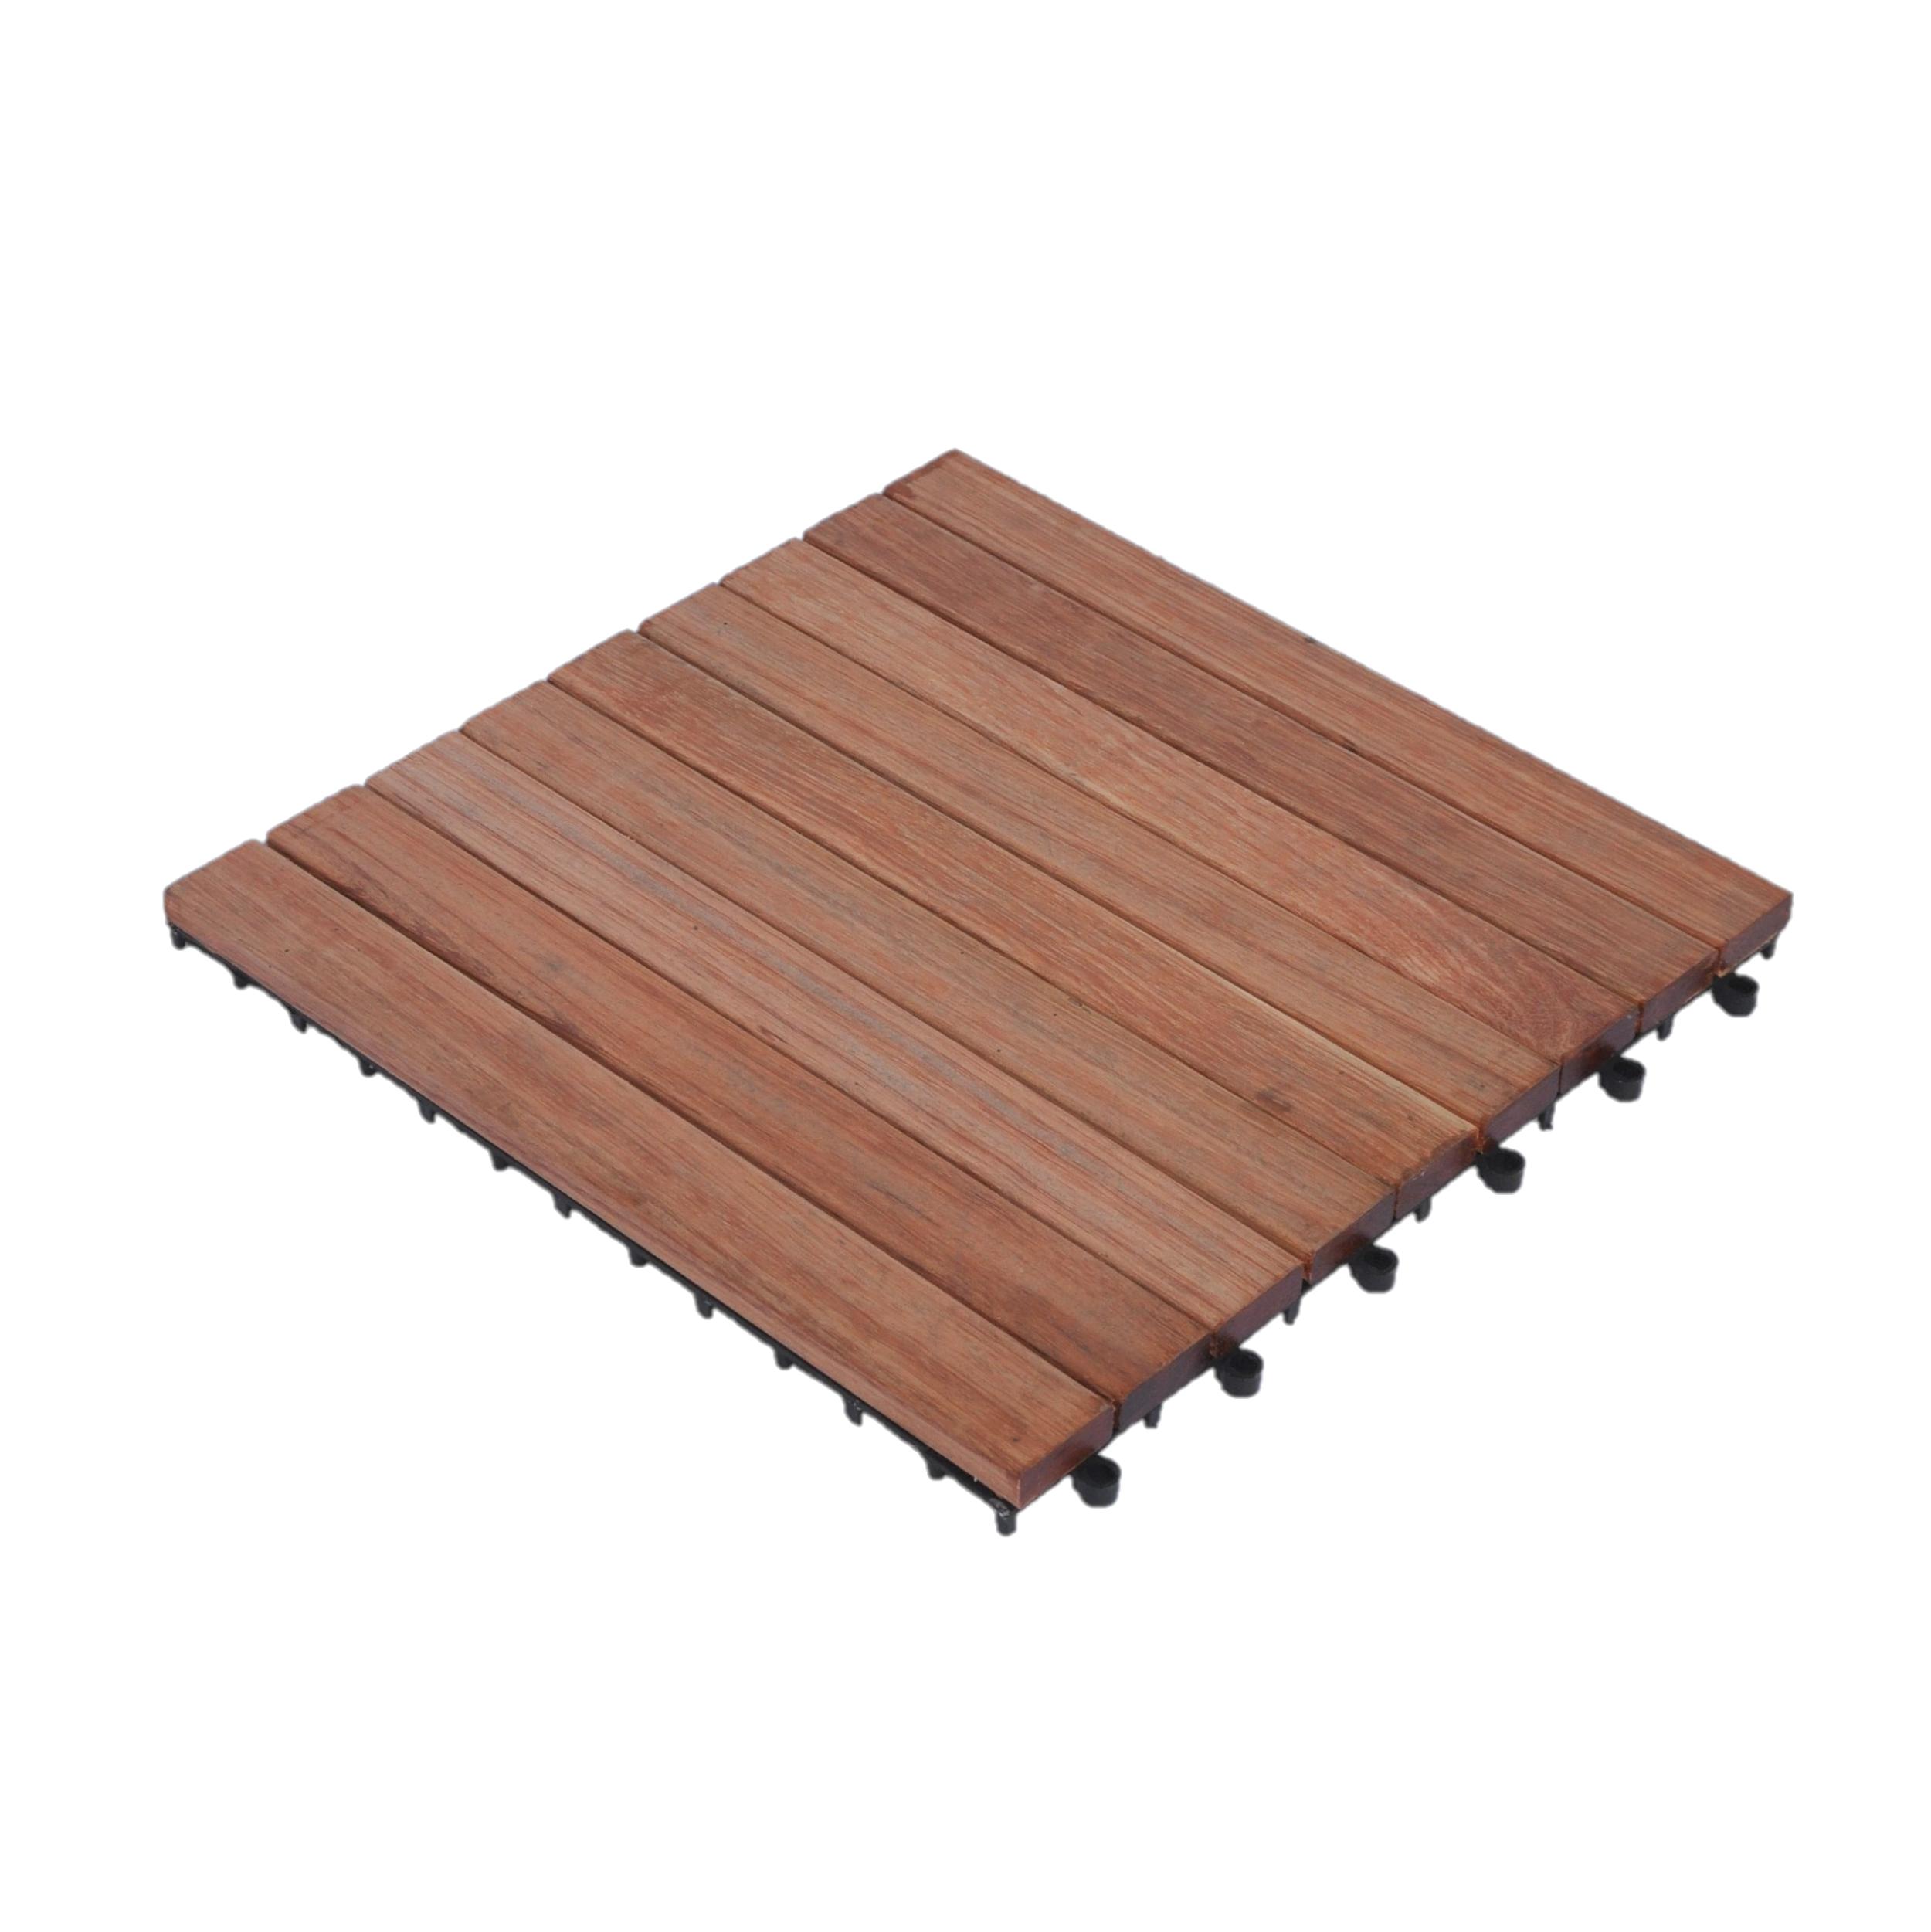 Dalles de terrasse en bois: Kempas clipsable 9 lattes